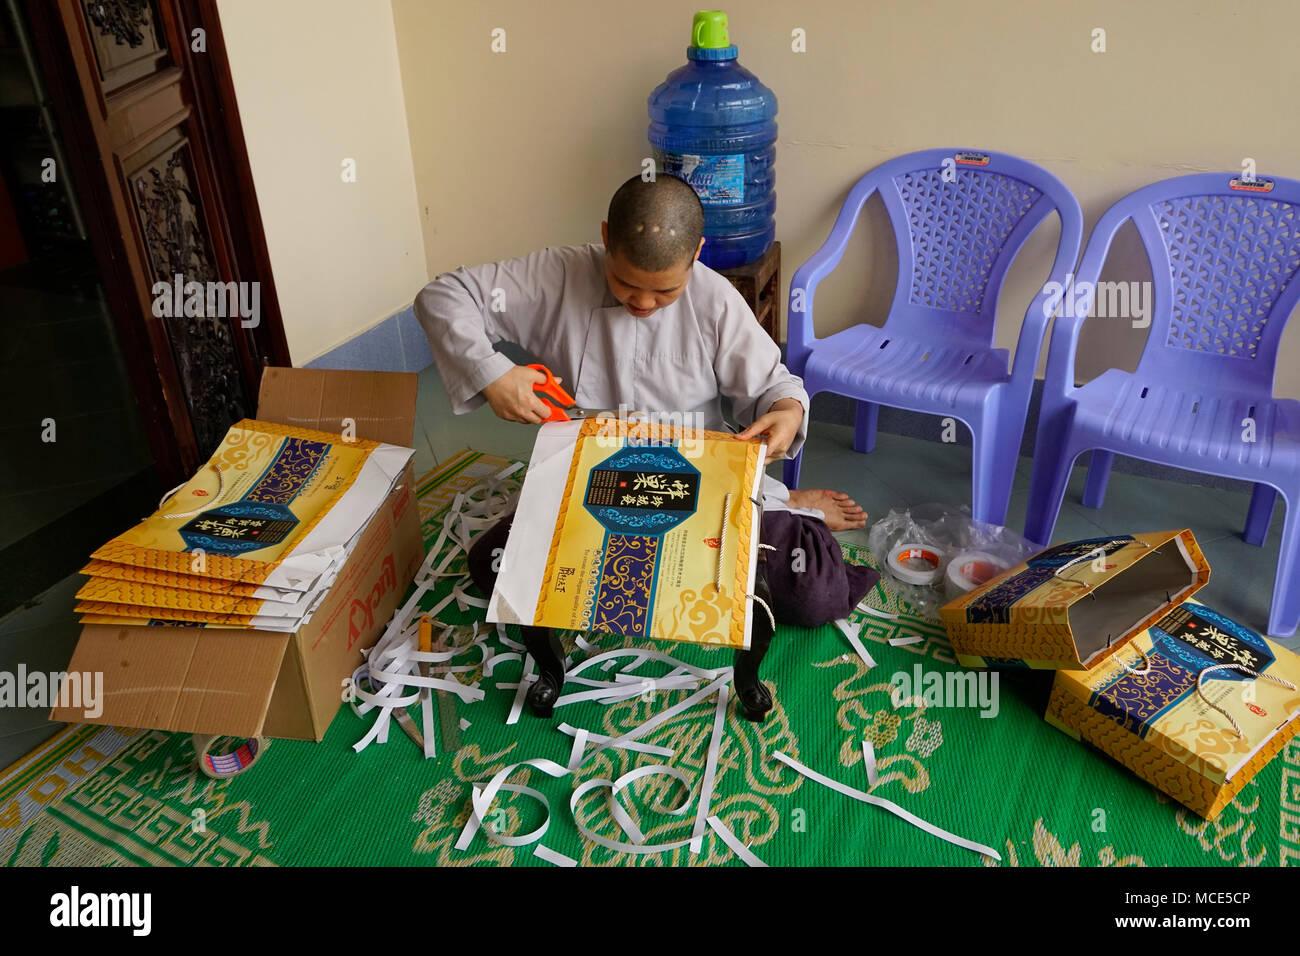 Monk working on making bags, Chùa Thiên Hòa temple, Nha Trang, Vietnam - Stock Image